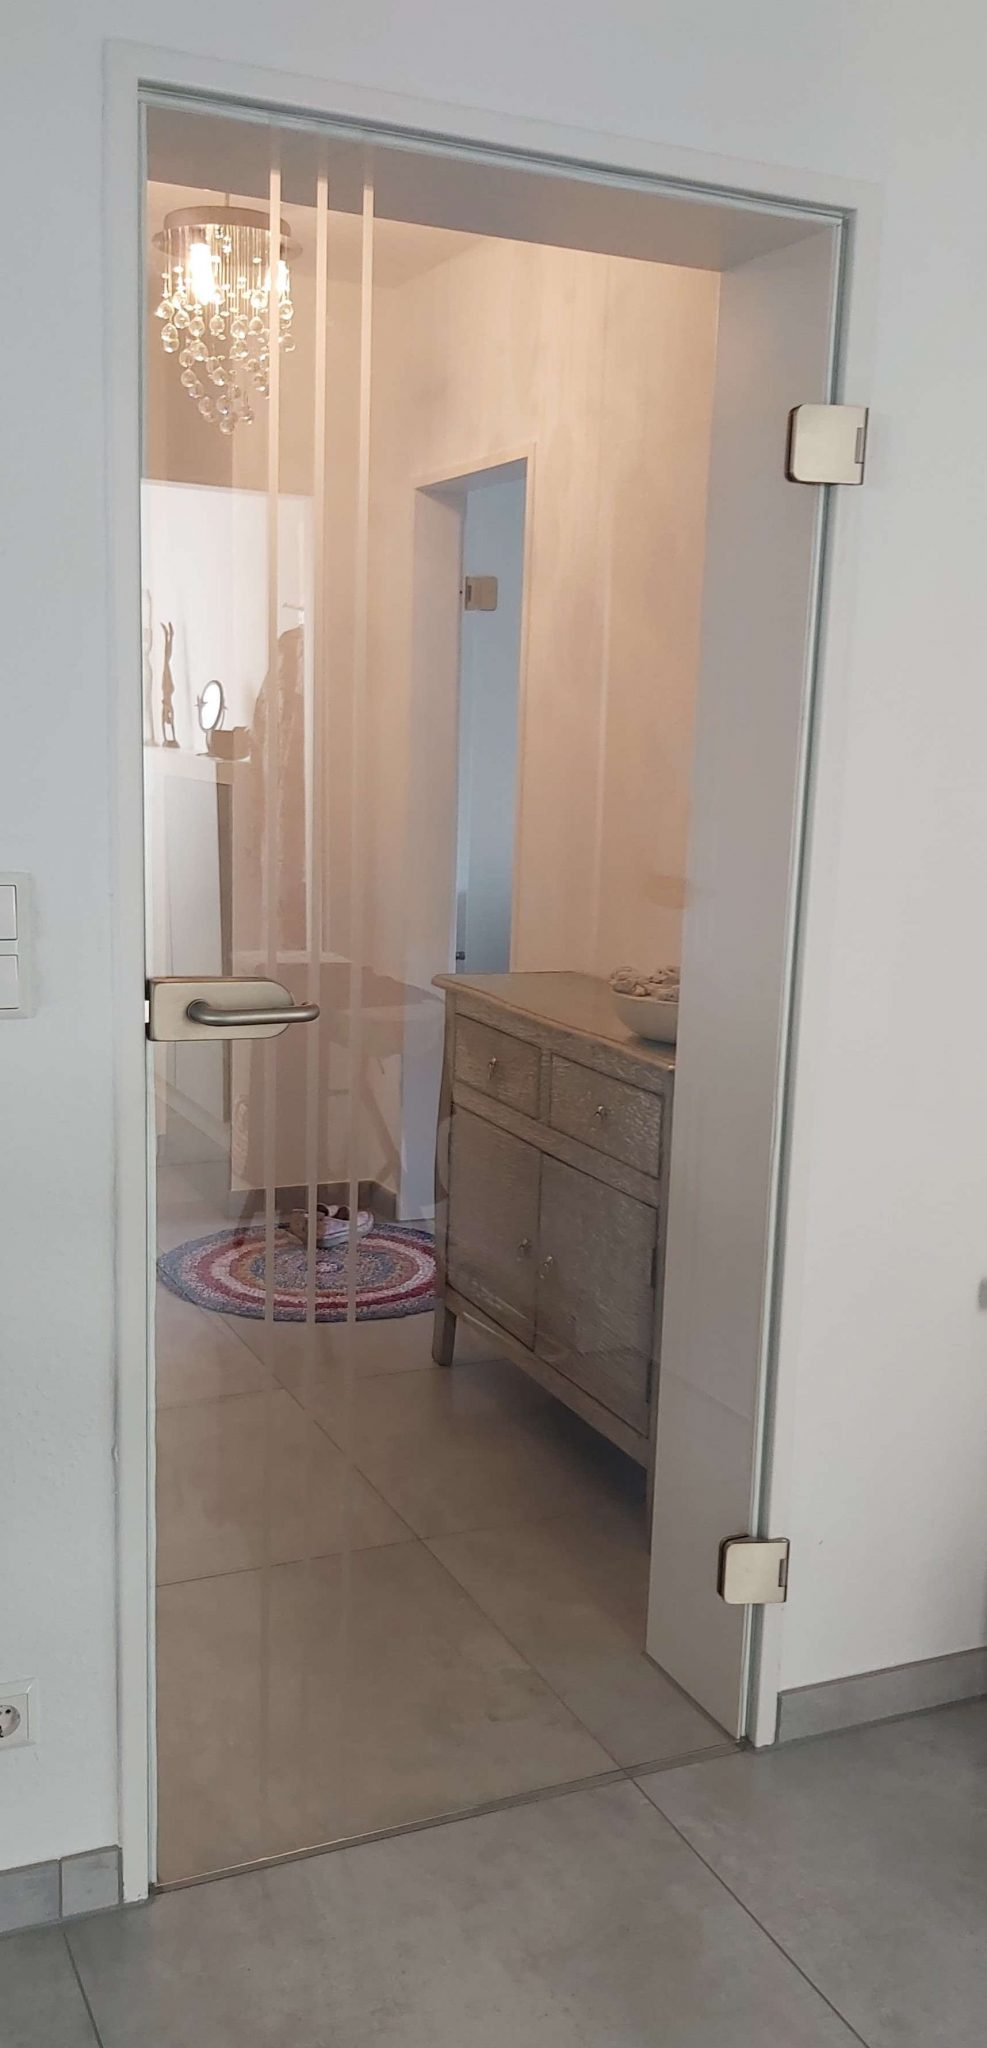 Glastür klar mit matten Streifen